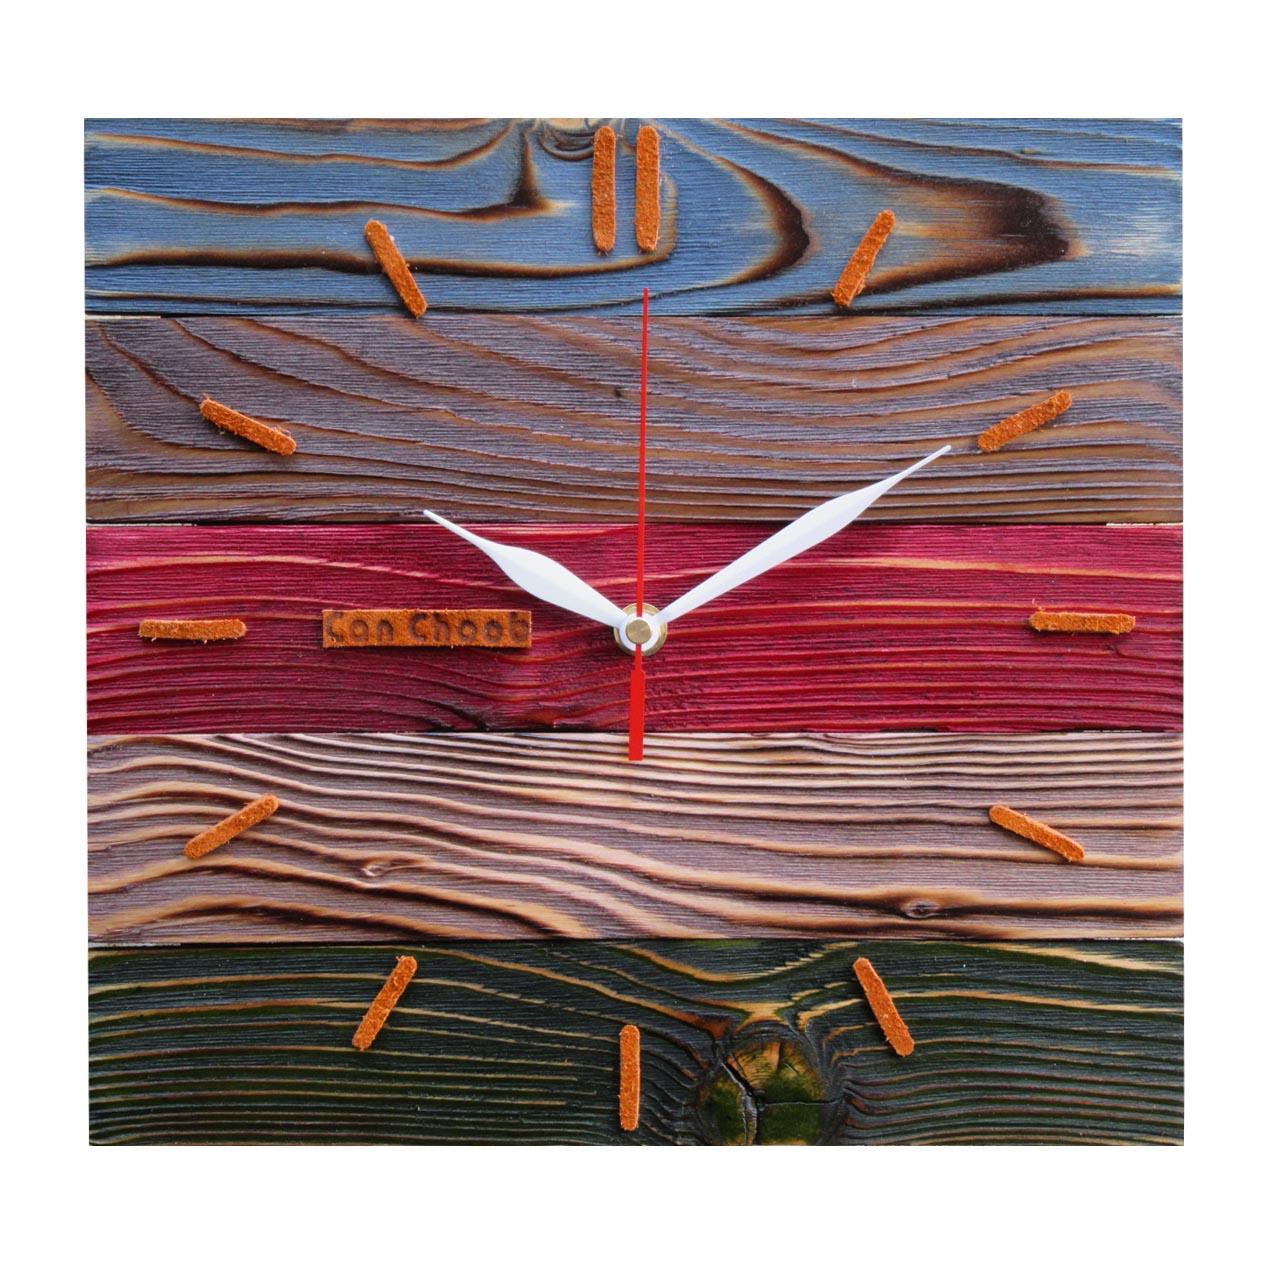 ساعت دیواری کن چوب مدل رویا